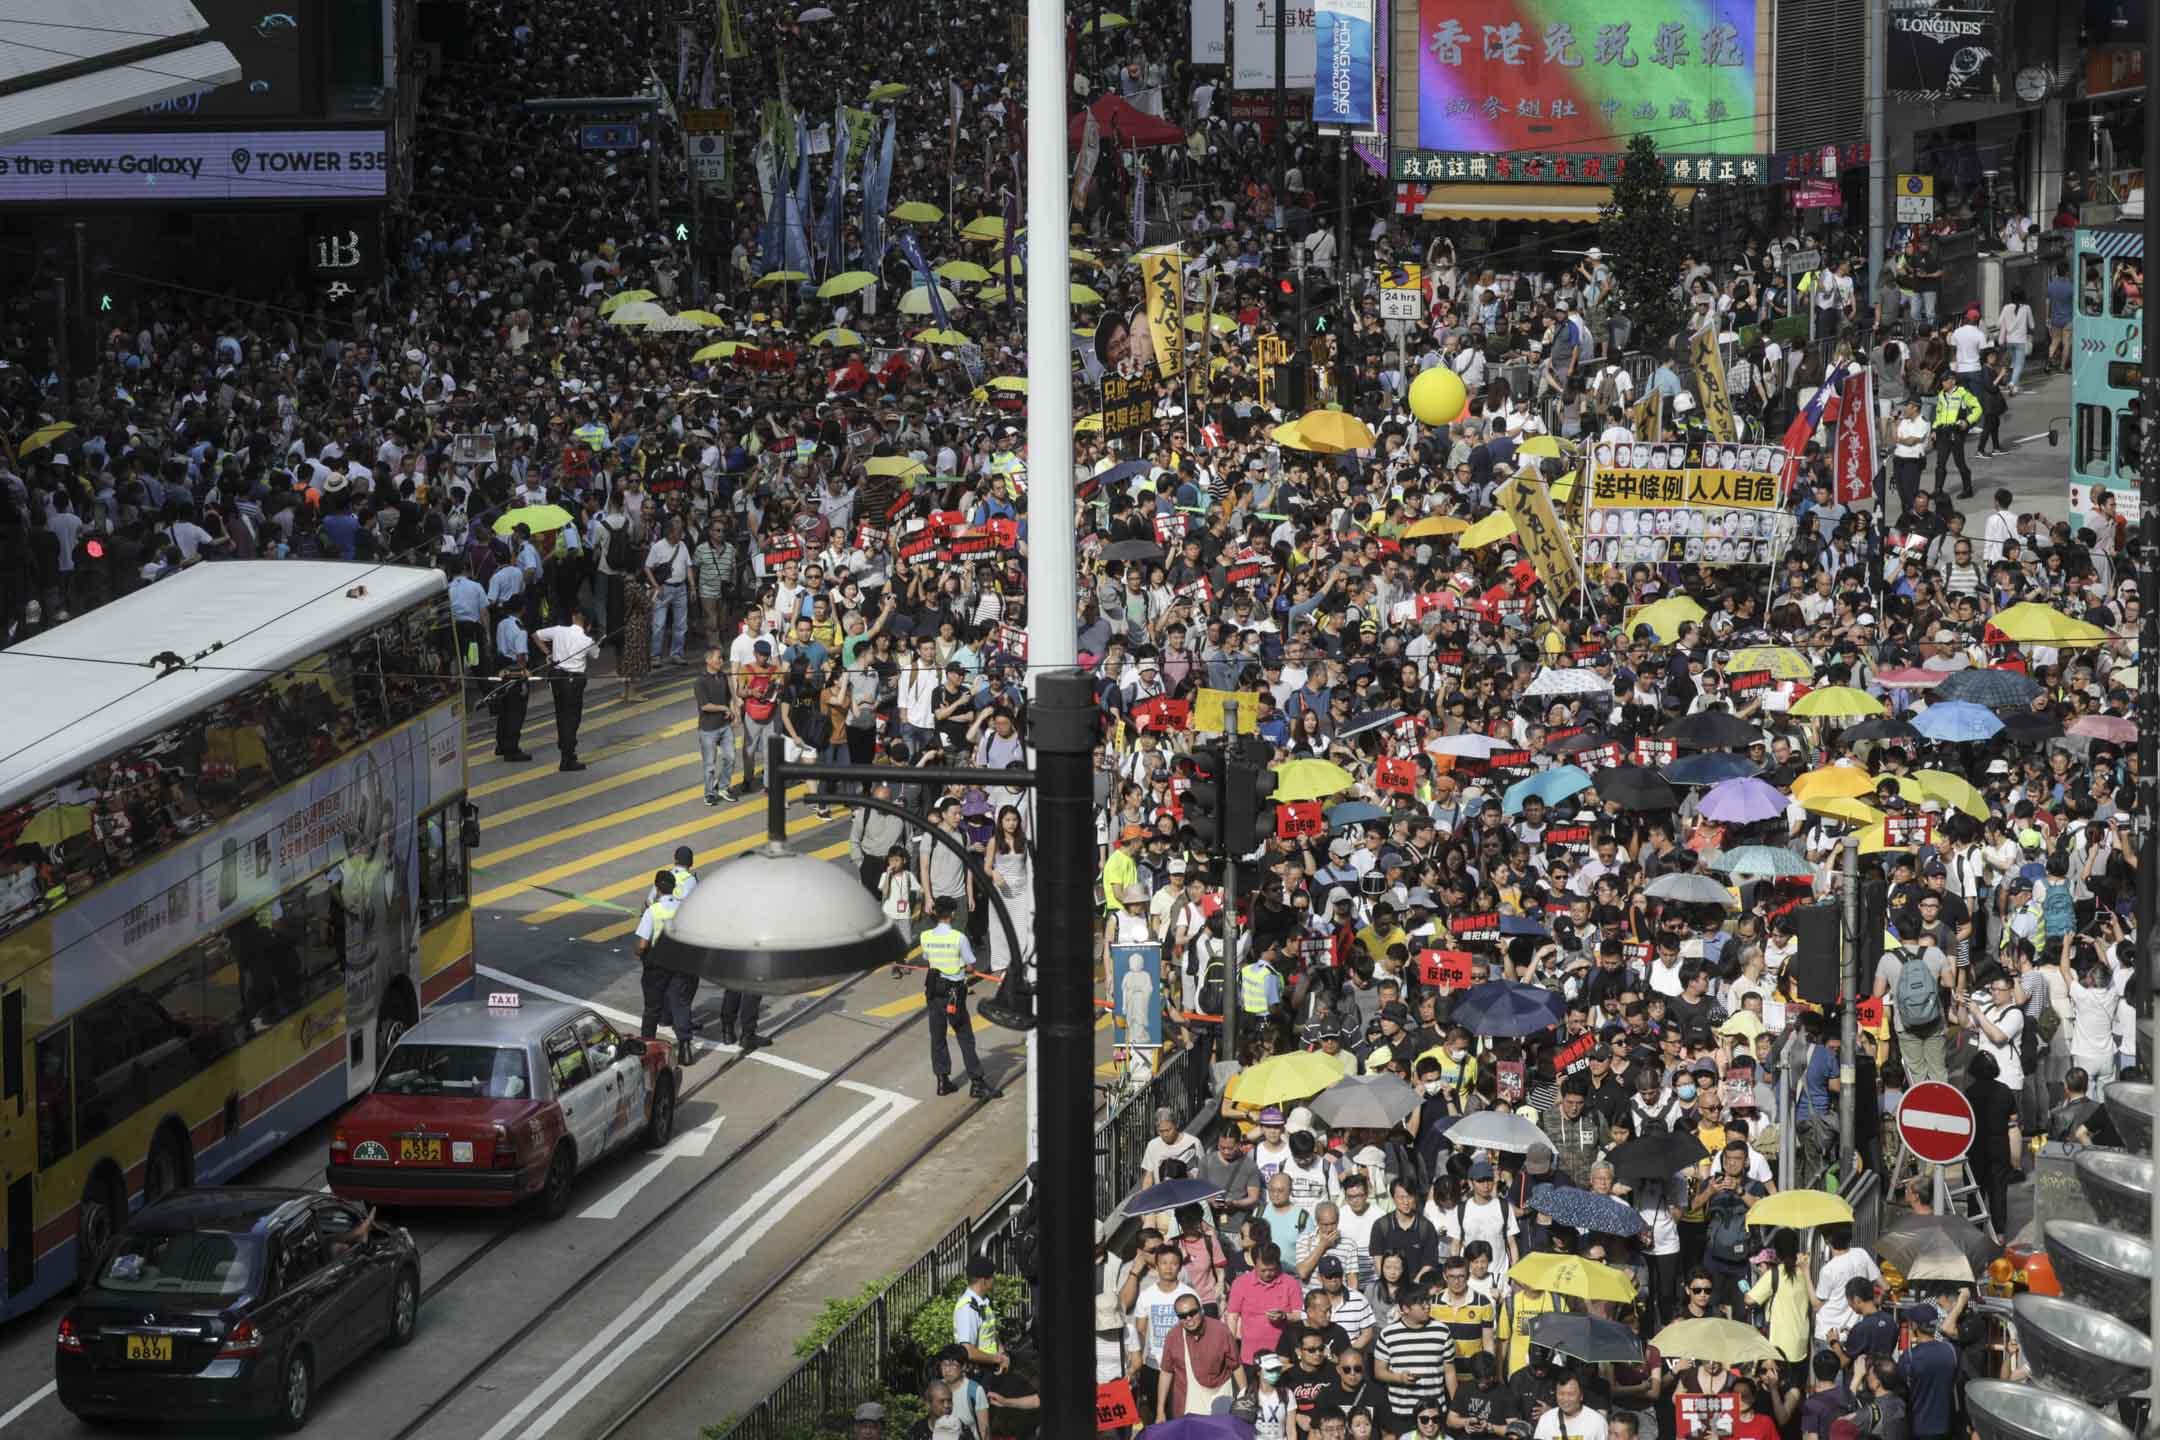 2019年4月28日,民間人權陣線舉行反《逃犯條例》修訂大遊行,隊伍由銅鑼灣東角道出發,將遊行至立法會外進行集會。